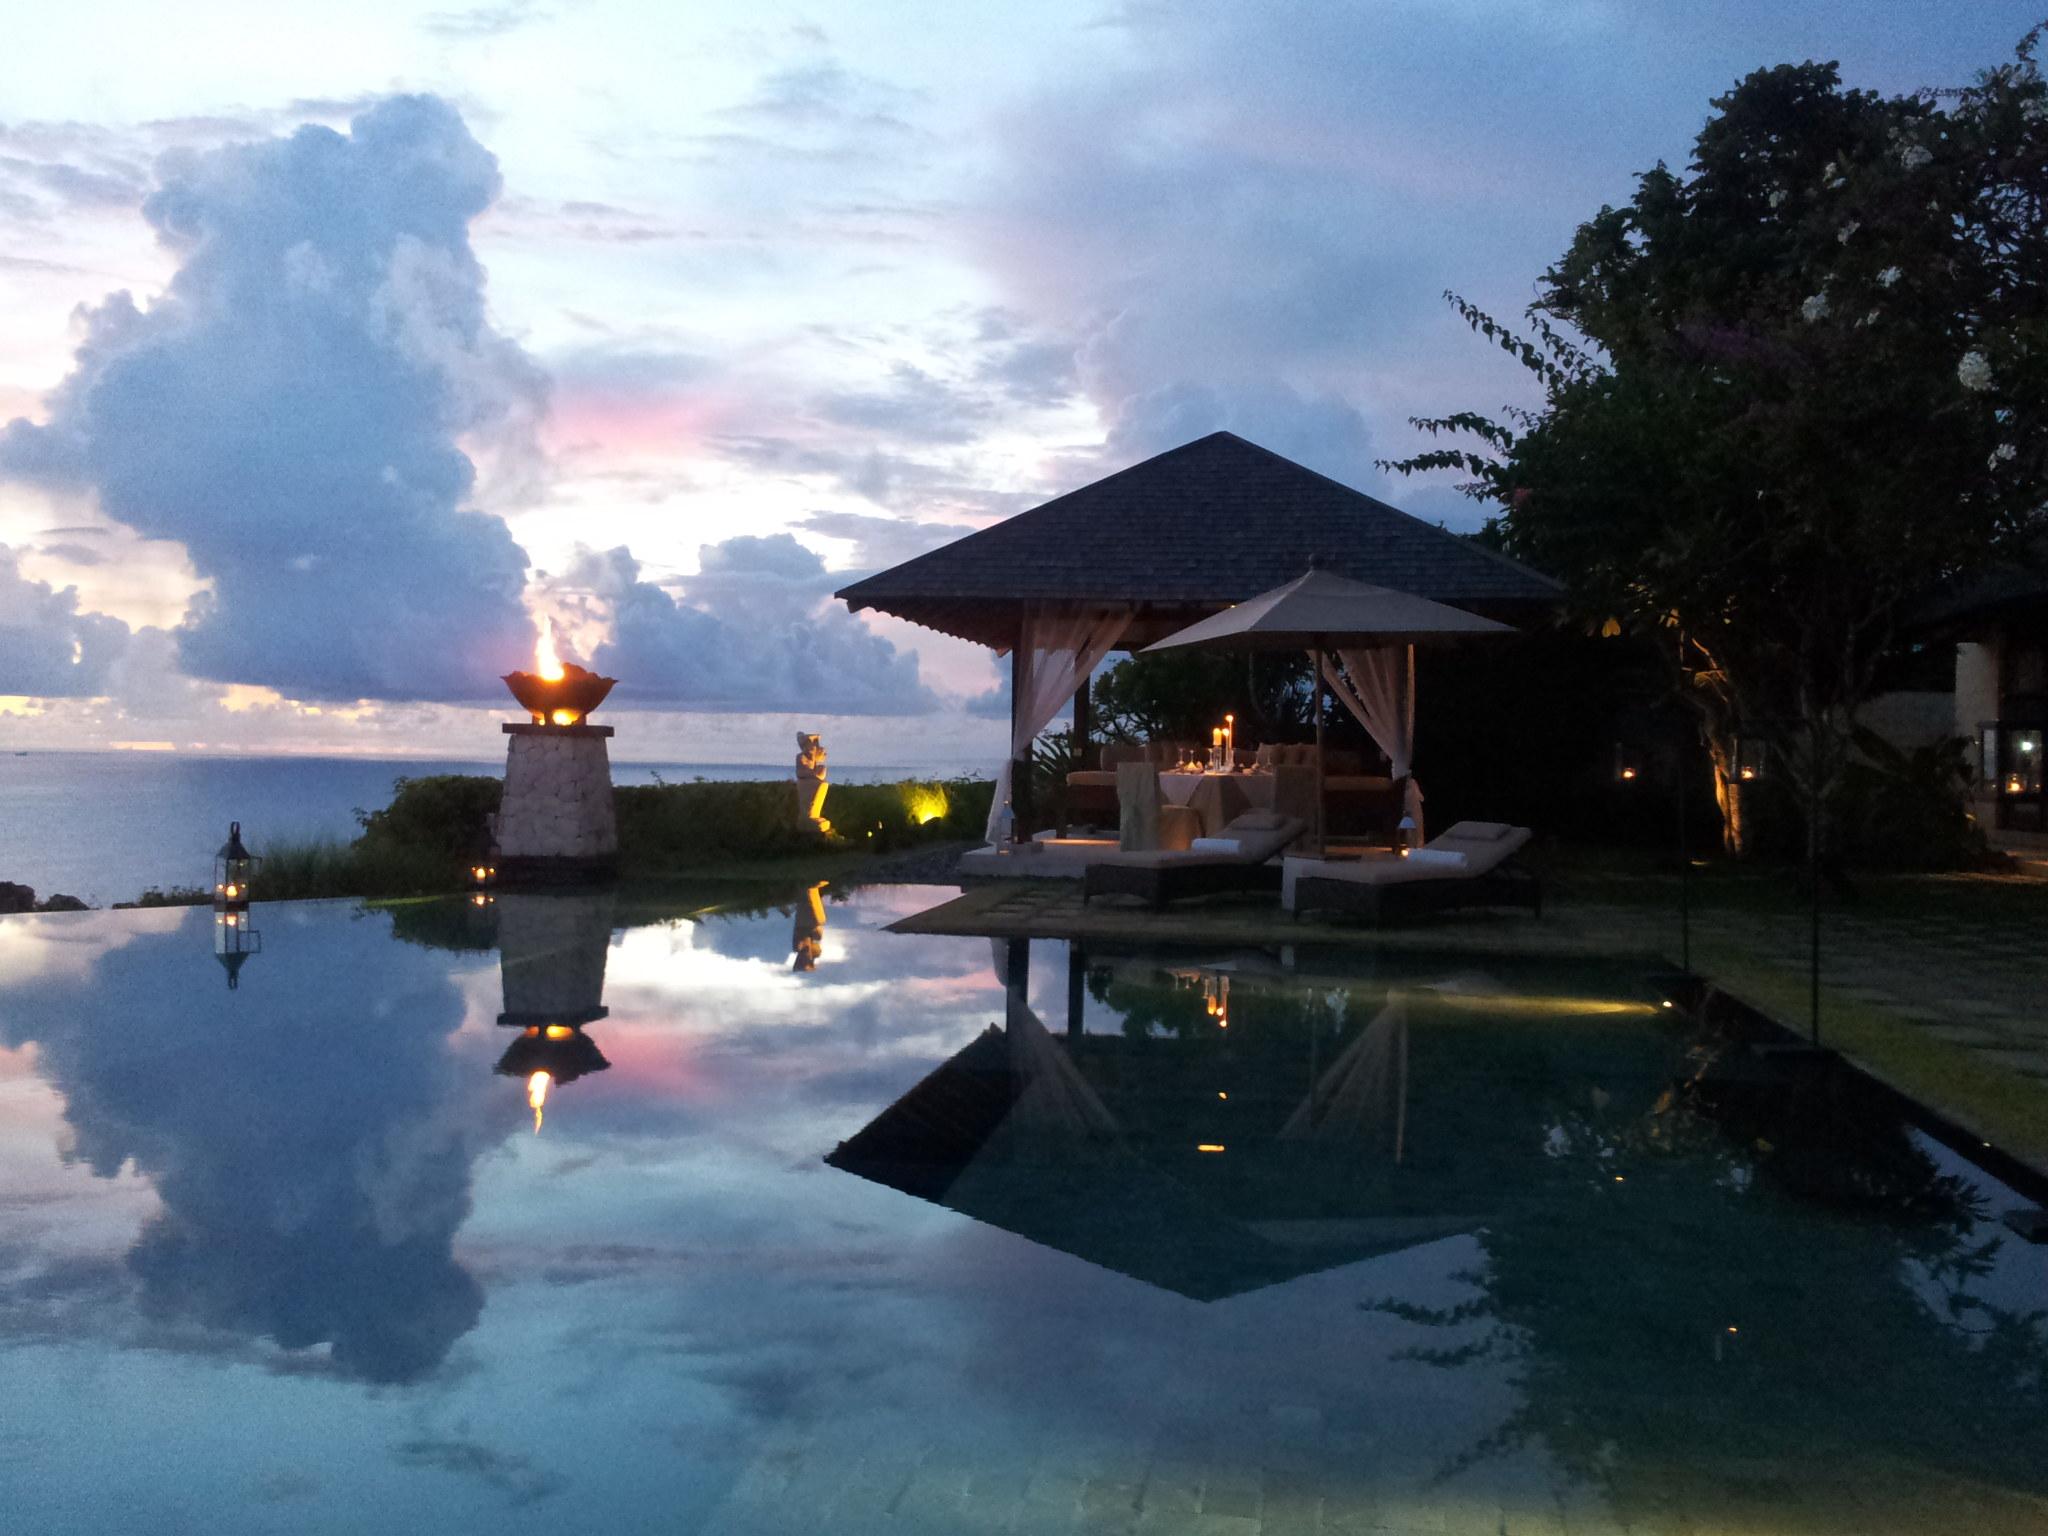 神々の宿る楽園。バリ島へ、美食を届けるプロジェクト。_c0007246_110654.jpg